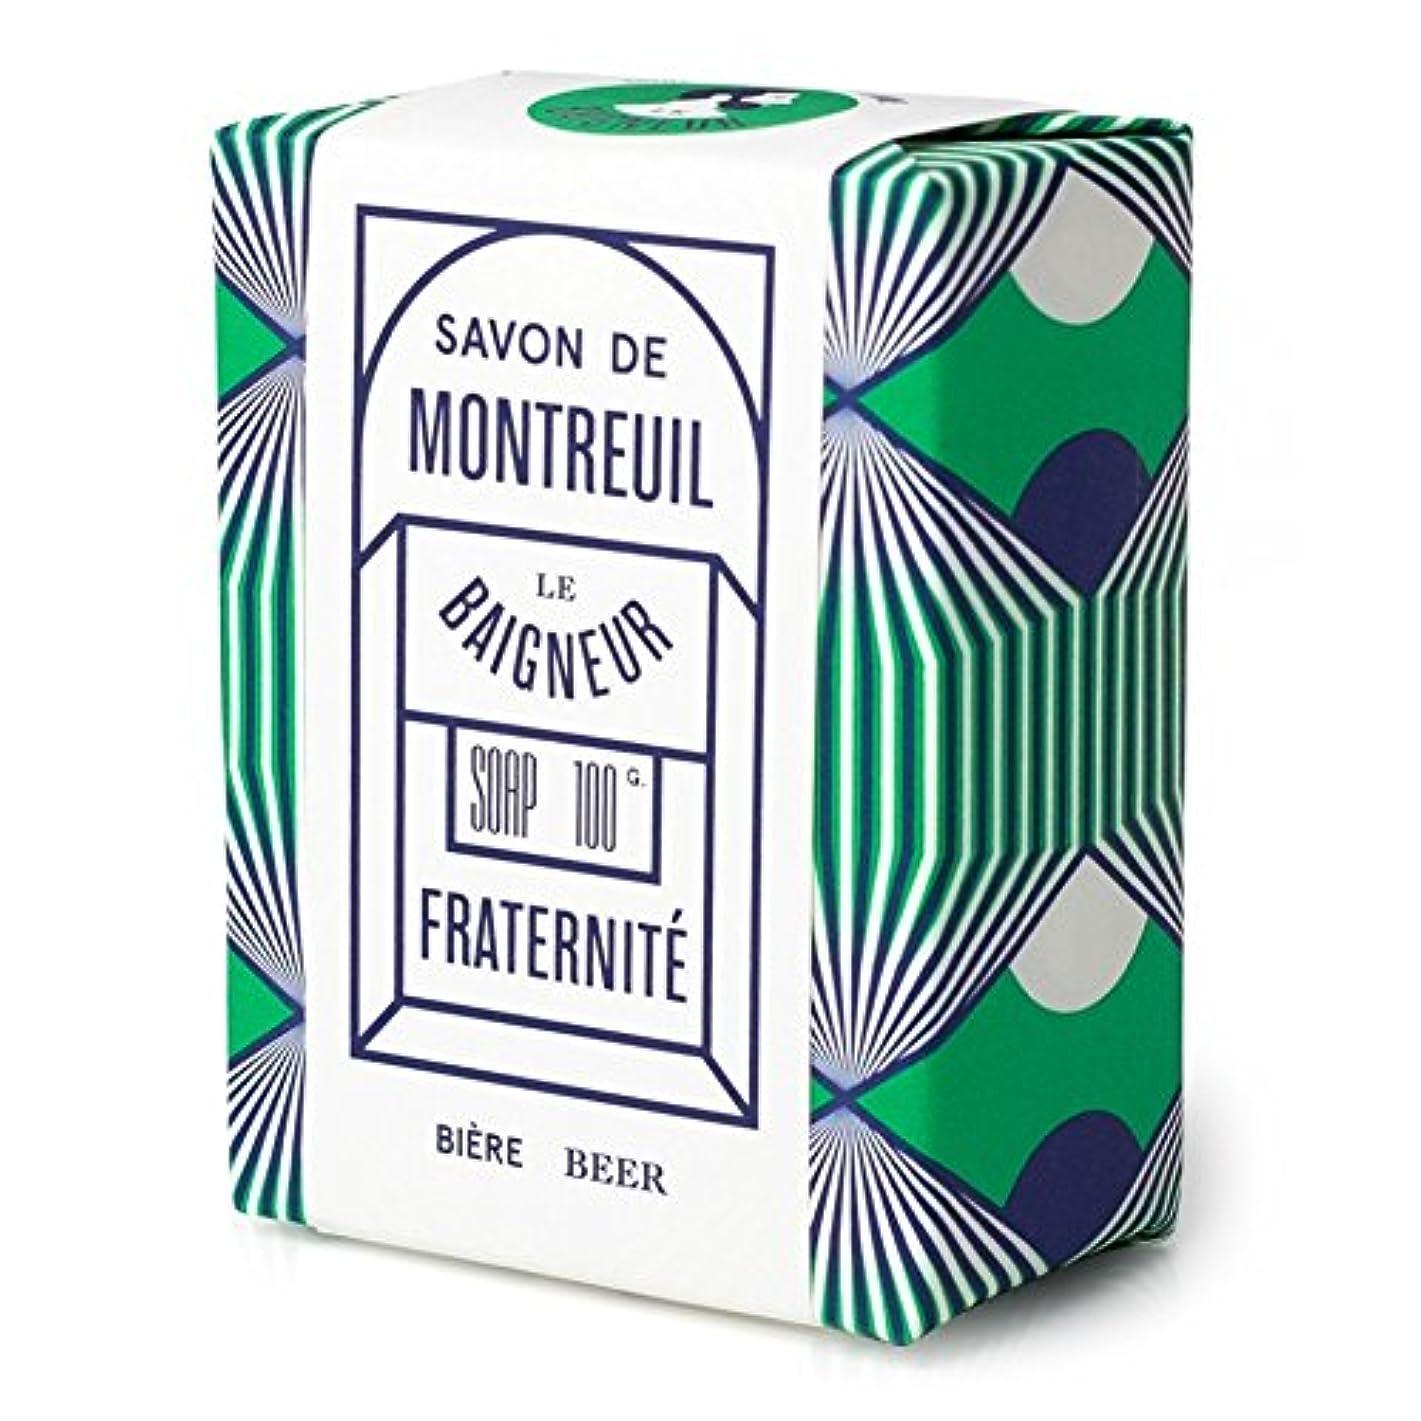 光景化石弓Le Baigneur Fraternite Soap 100g - ル 石鹸100グラム [並行輸入品]